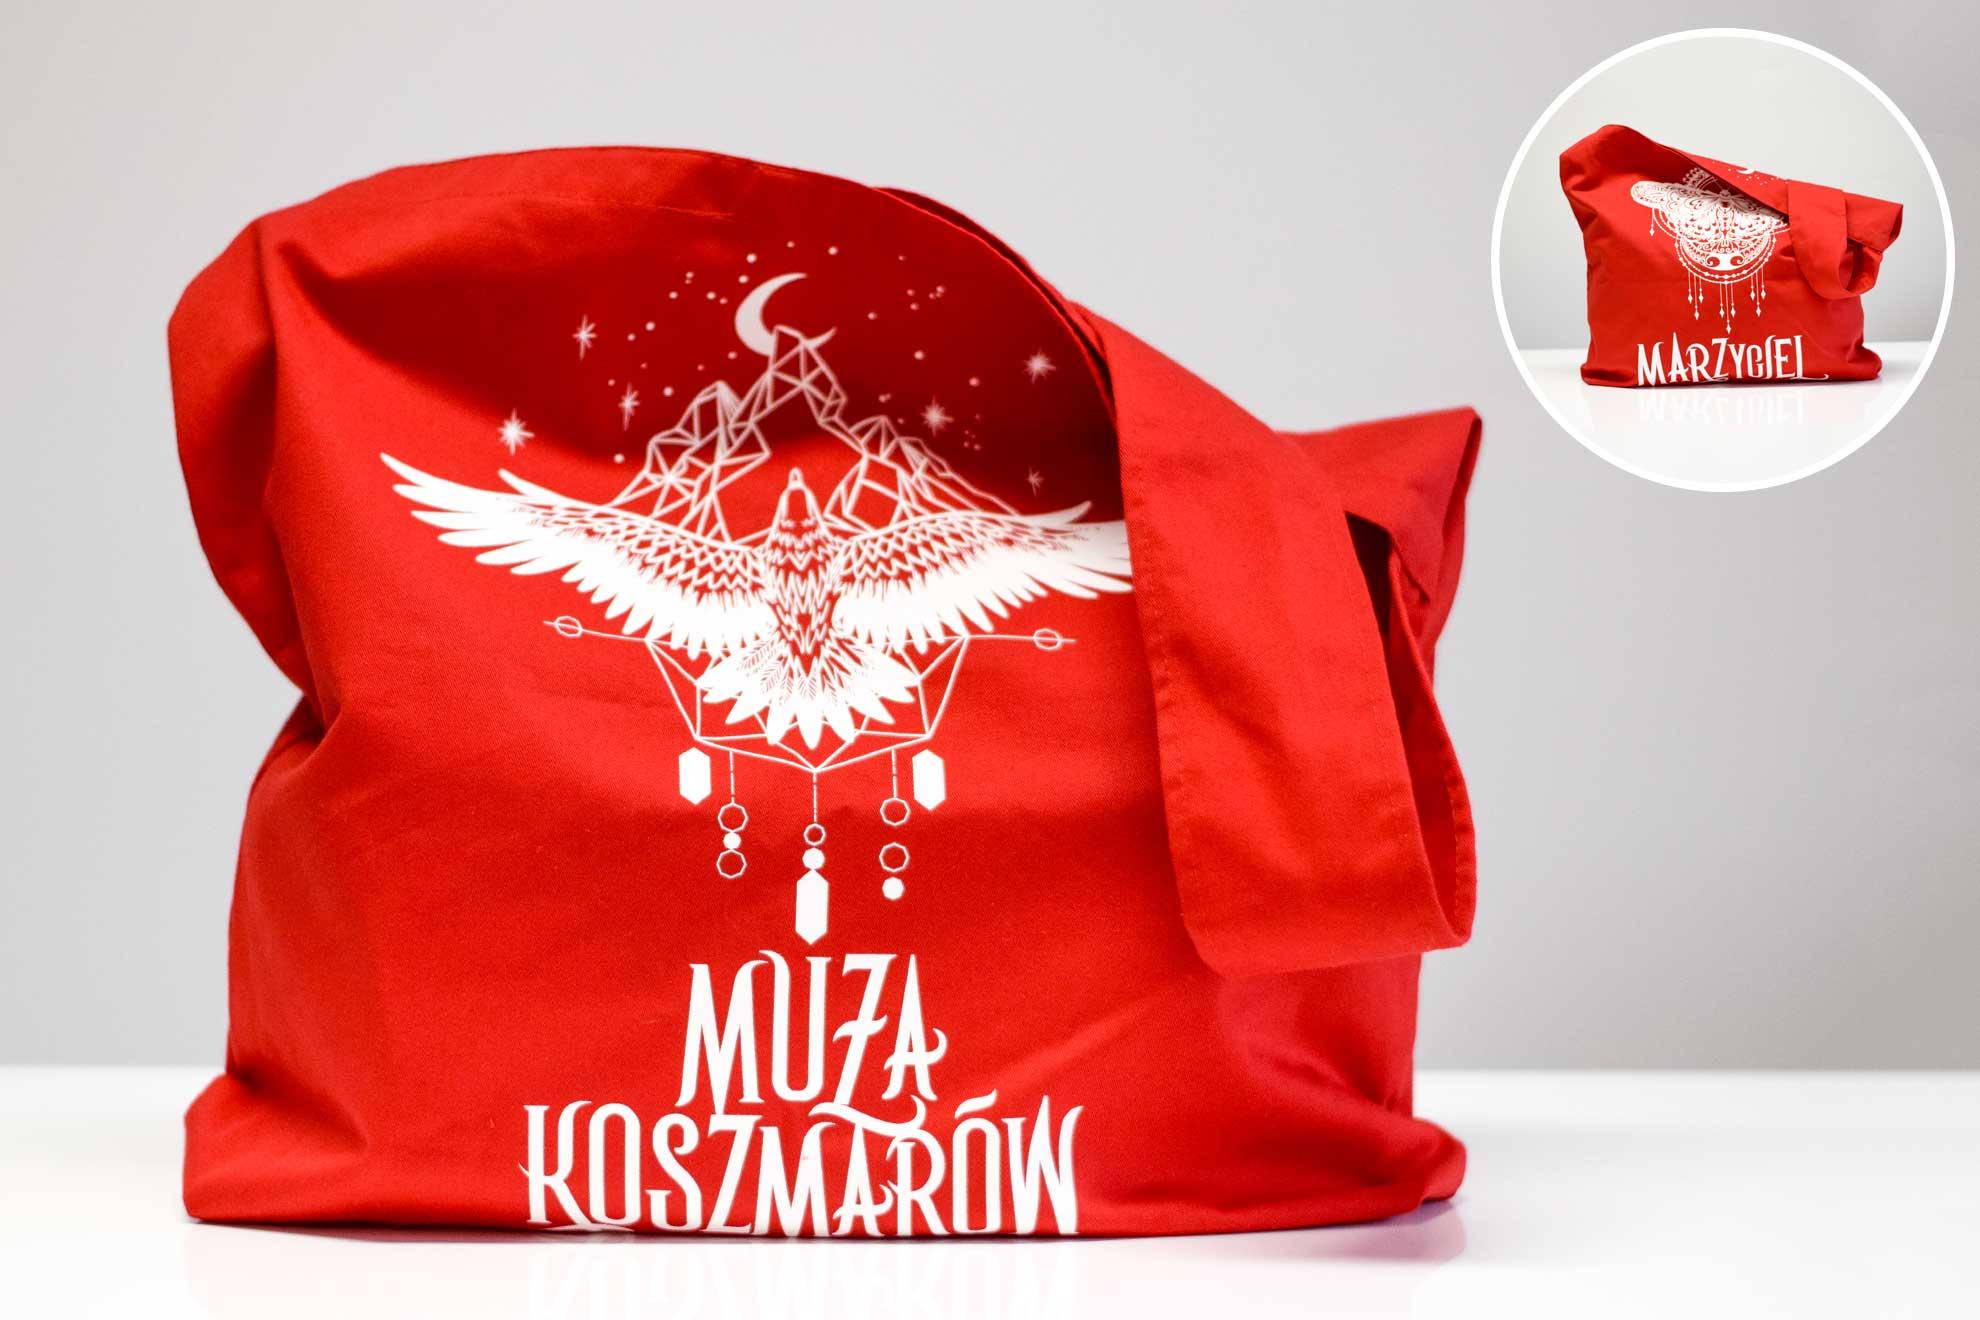 Zdjęcie torby Muza koszmarów w SQN Store